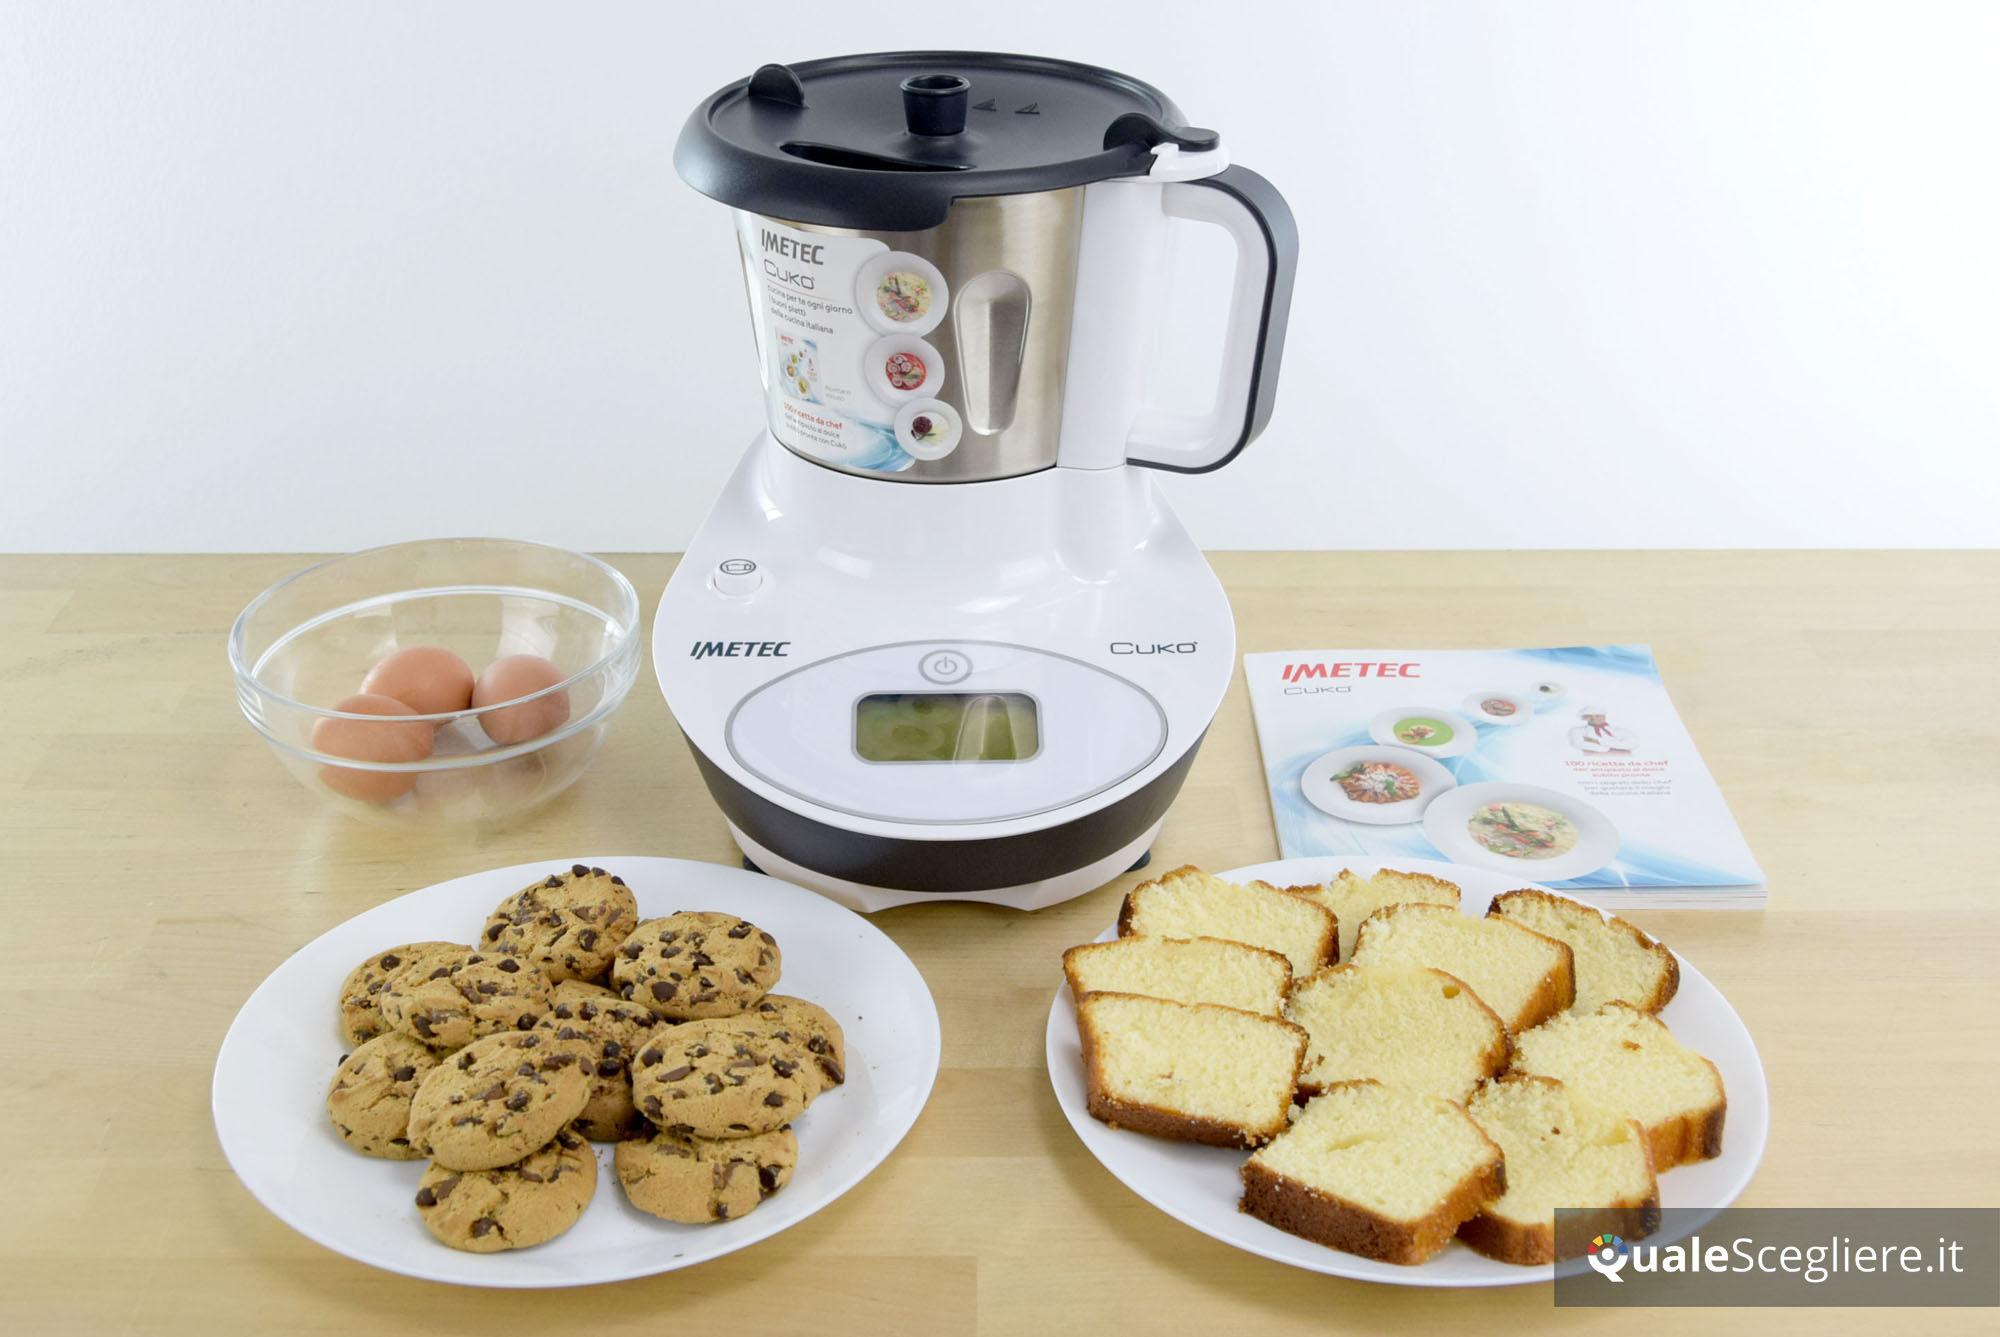 Quali dolci preparare con il robot da cucina multifunzione - Robot da cucina con estrattore di succo ...